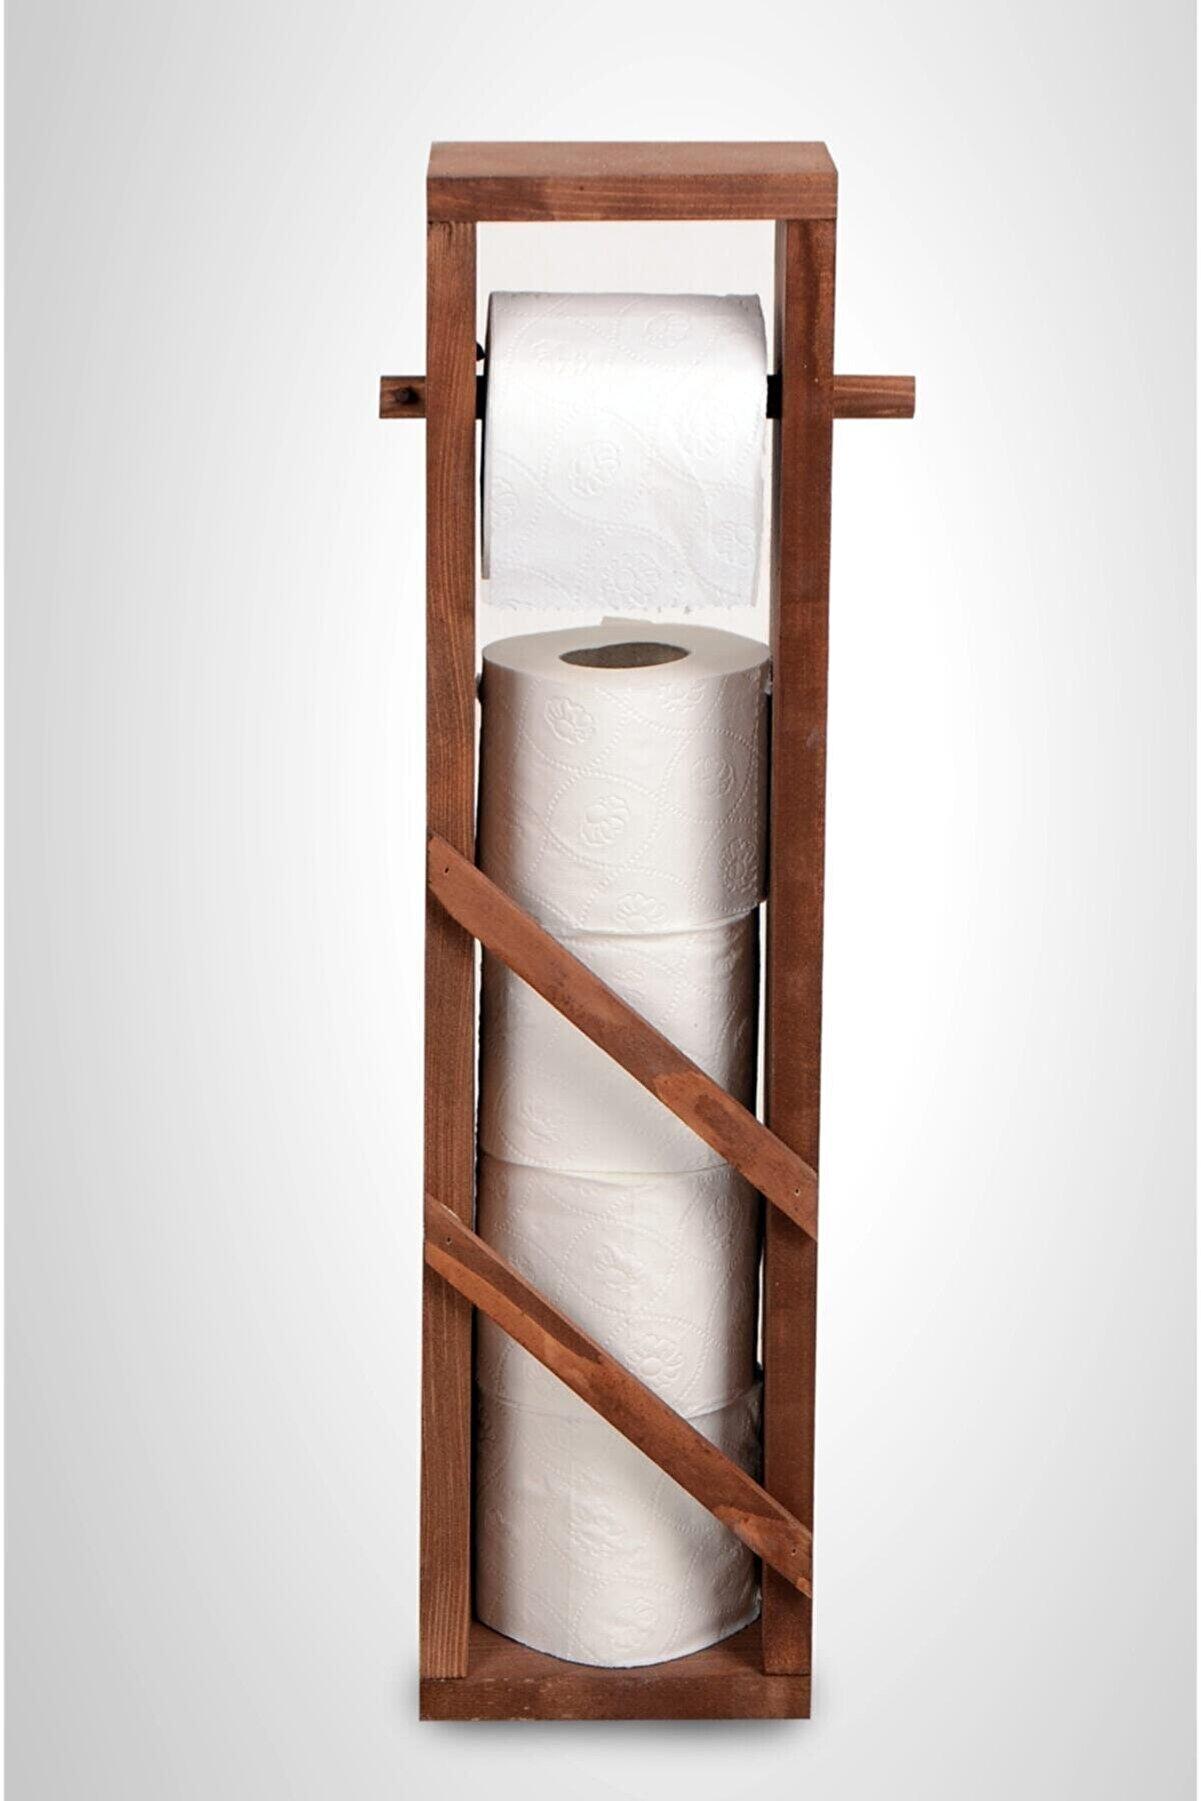 LegnaWood Ahşap Yedek Hazneli Çıtalı Tuvalet Kağıdı Standı Wc Kağıtlığı 4 1